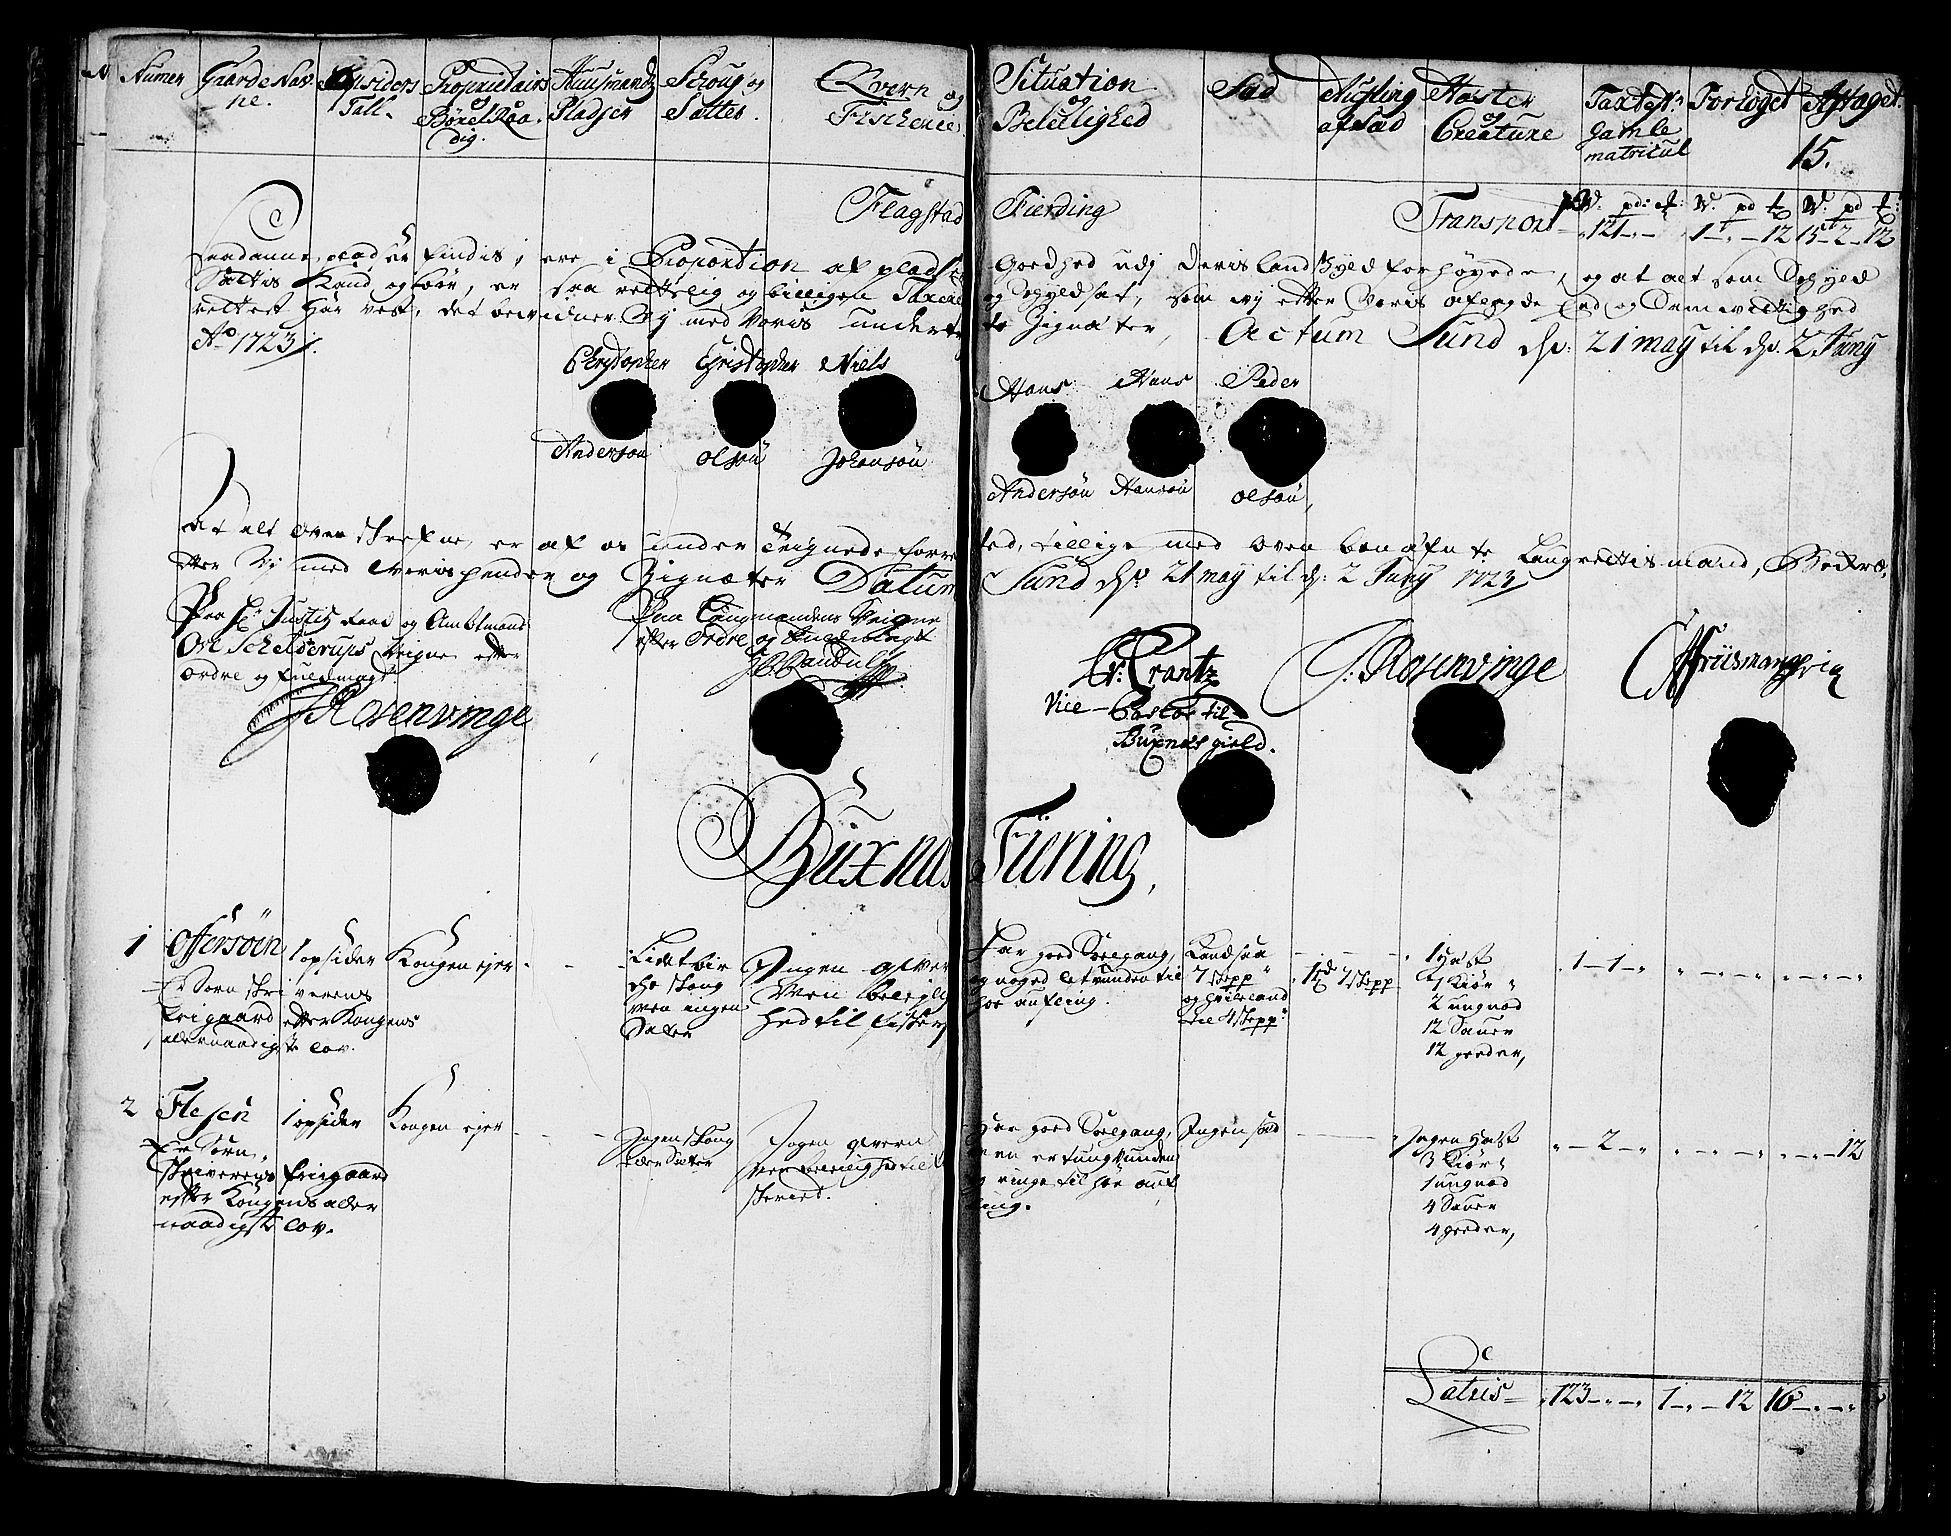 RA, Rentekammeret inntil 1814, Realistisk ordnet avdeling, N/Nb/Nbf/L0174: Lofoten eksaminasjonsprotokoll, 1723, s. 14b-15a